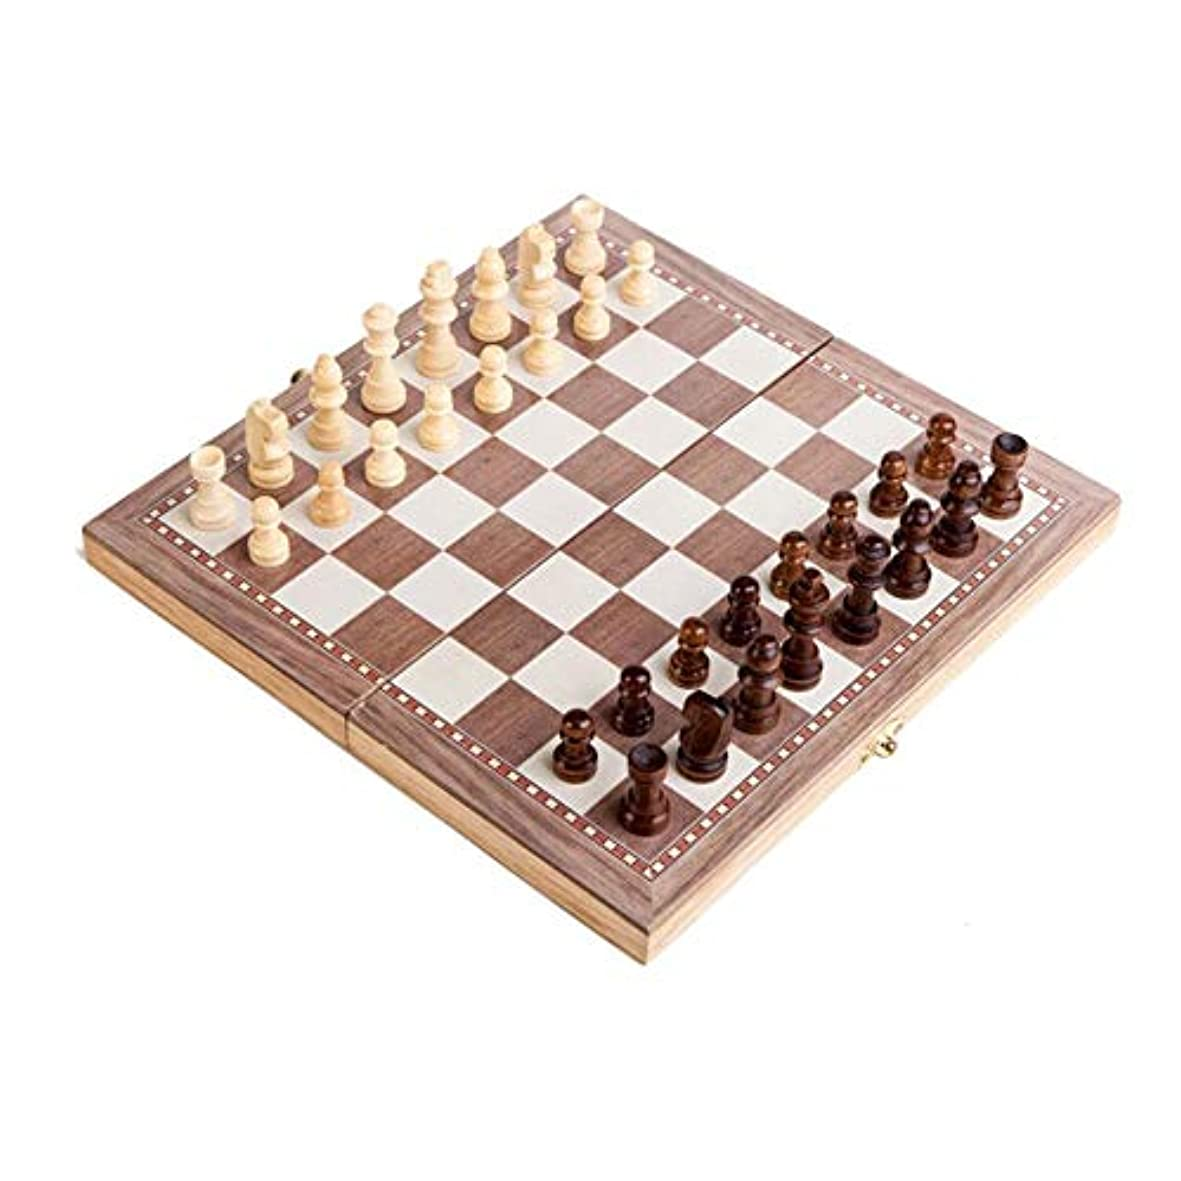 ピューくちばし拘束国際チェス 木製チェス 折りたたみチェスボード チェスセット ブラウンとベージュの駒 収納便利 携帯便利 Styleshow